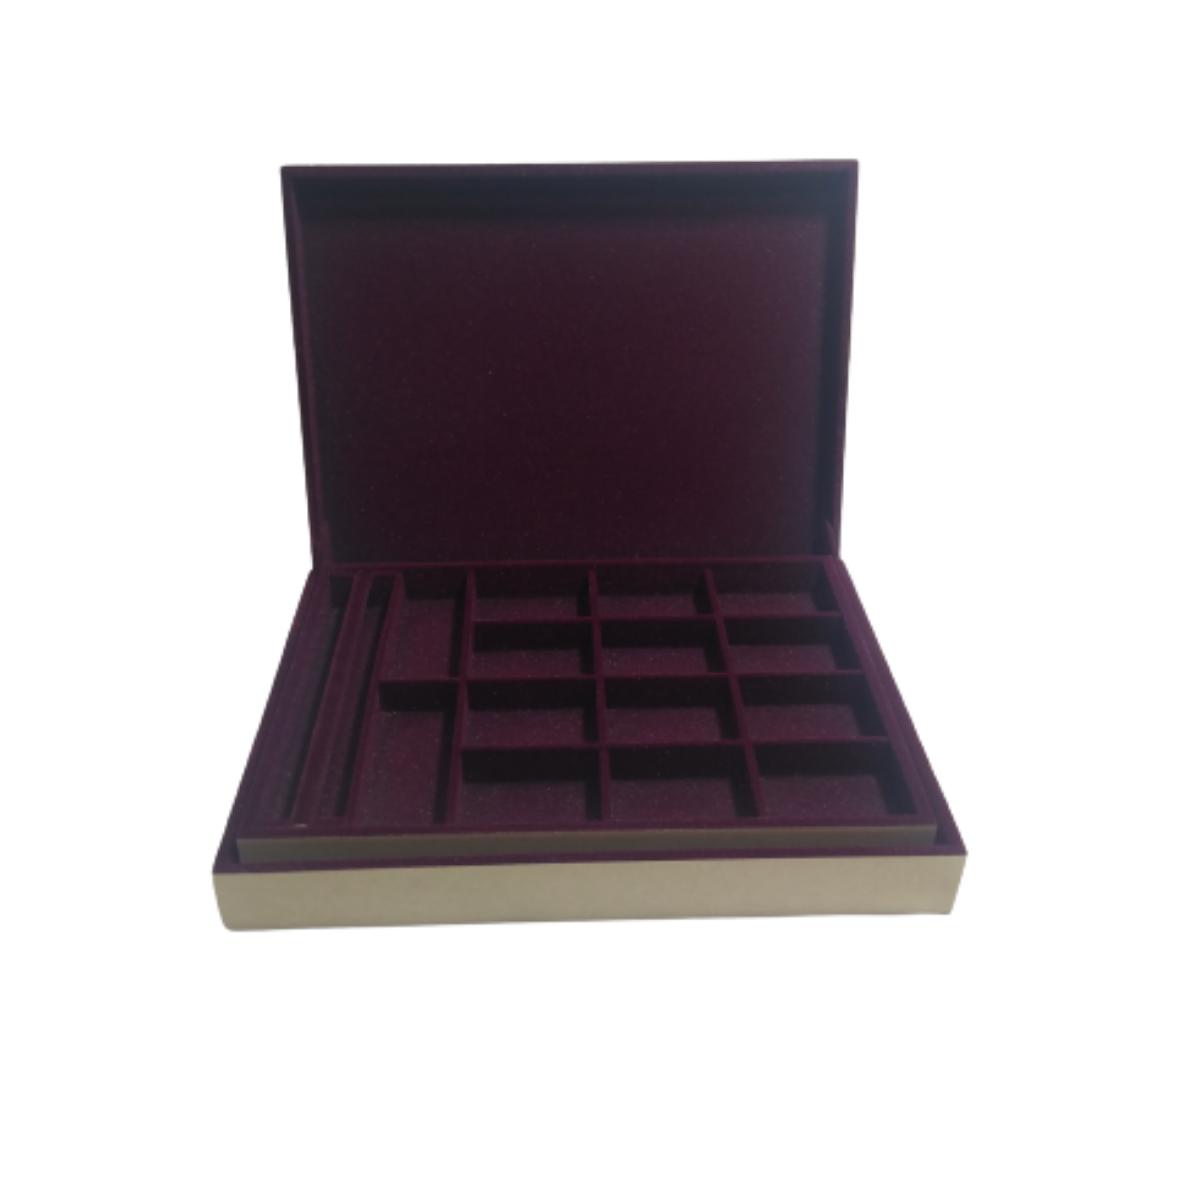 Caixa de maquiagem e bijuteria em MDF Flocada 35cm